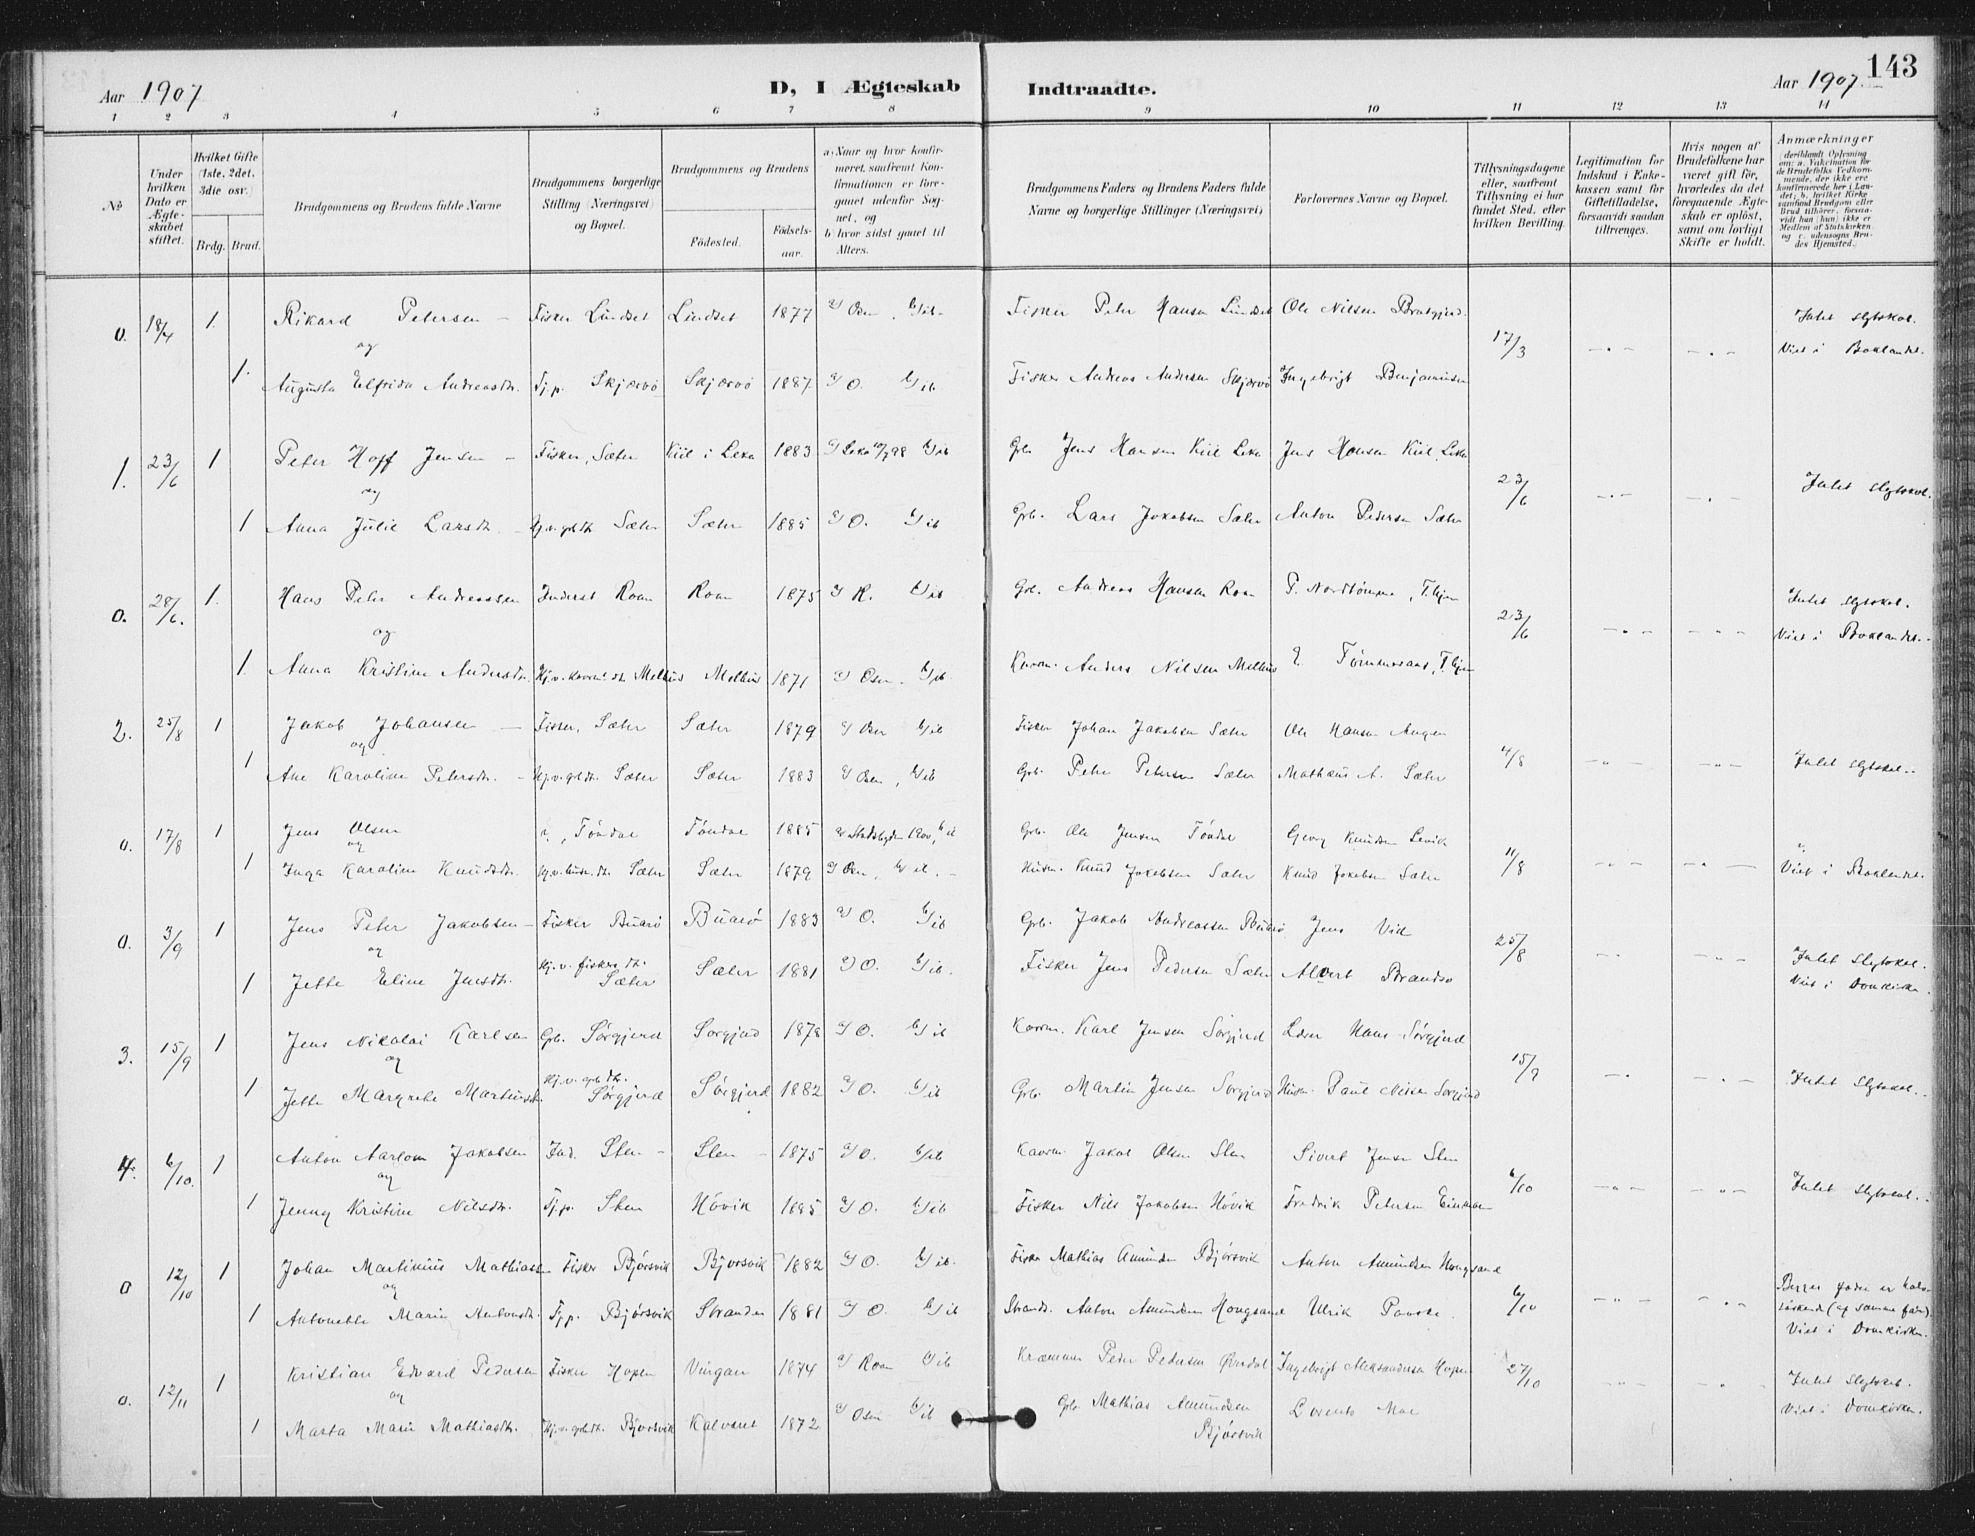 SAT, Ministerialprotokoller, klokkerbøker og fødselsregistre - Sør-Trøndelag, 658/L0723: Ministerialbok nr. 658A02, 1897-1912, s. 143